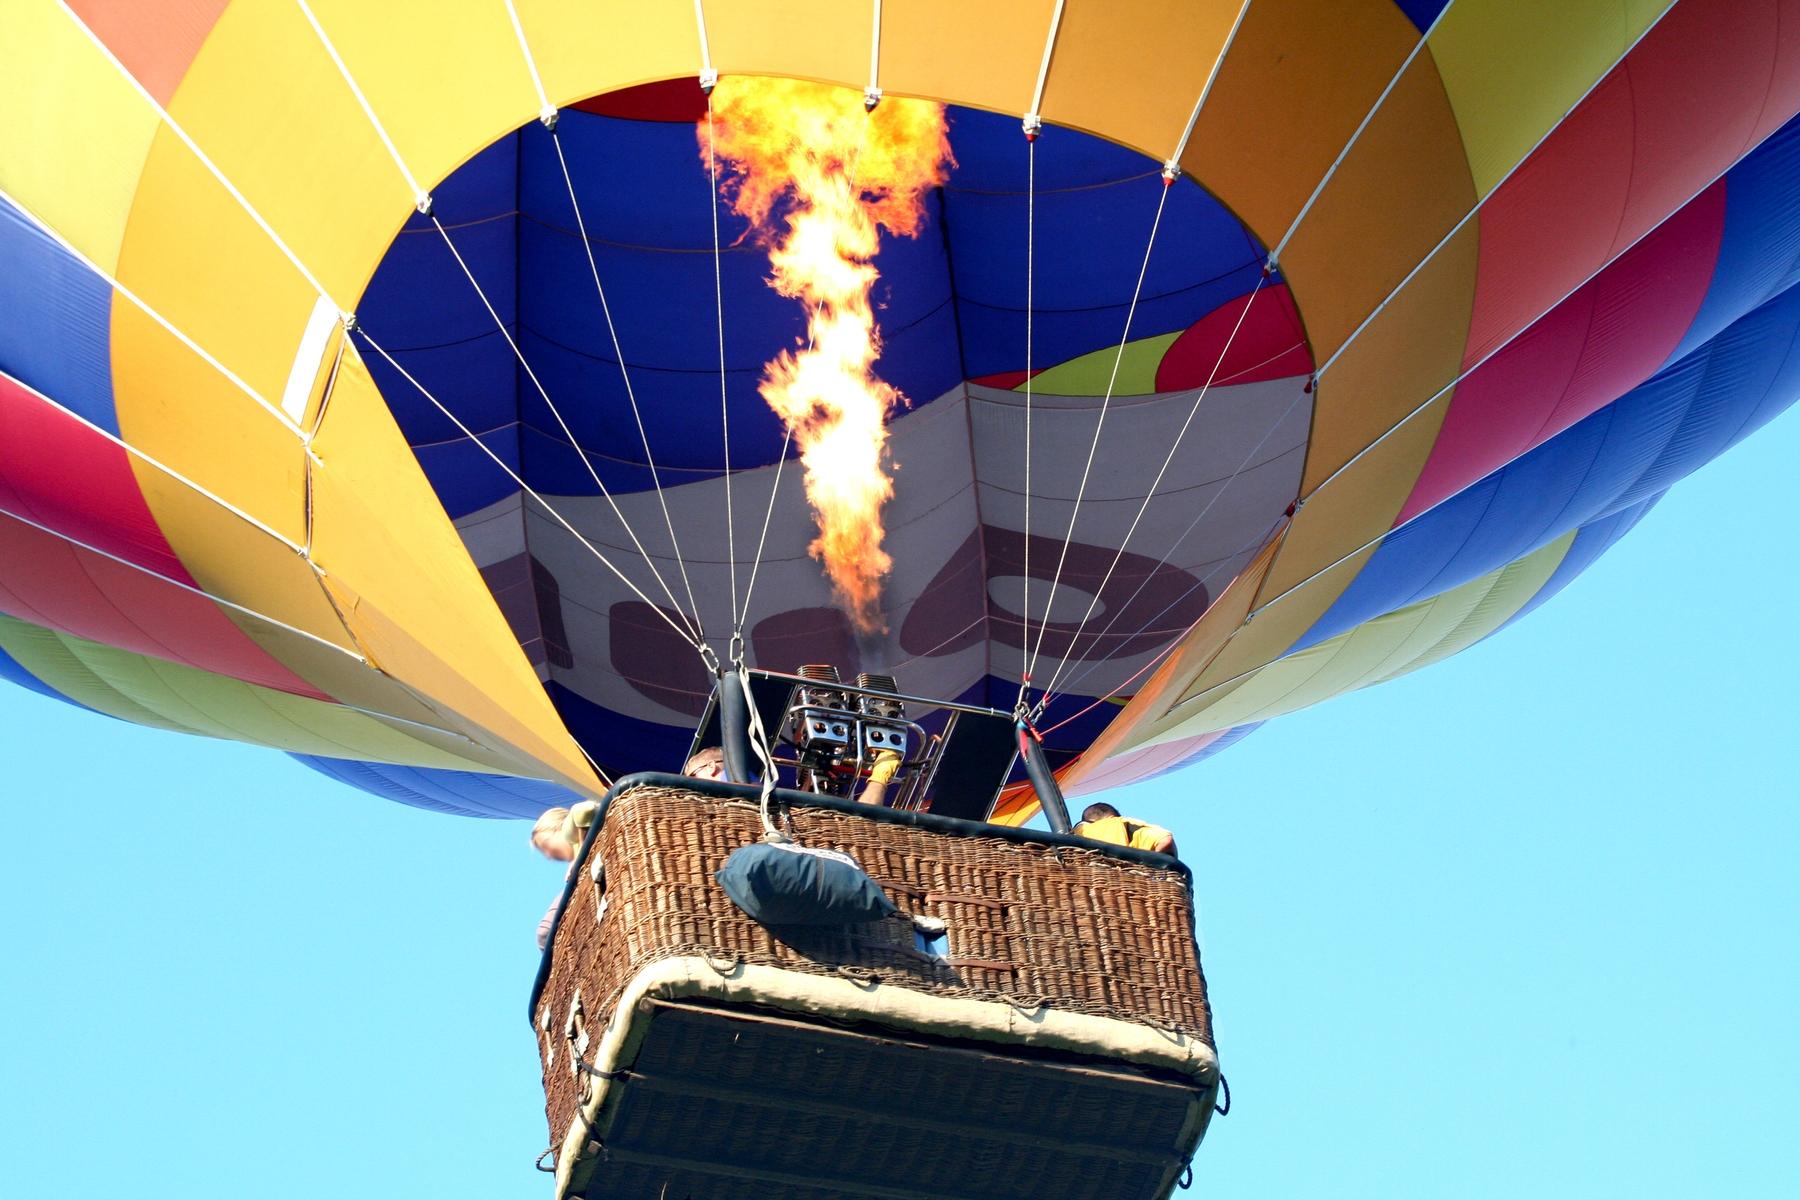 Куда поехать в Подмосковье: полетать на воздушном шаре над Истрой и окрестностями!